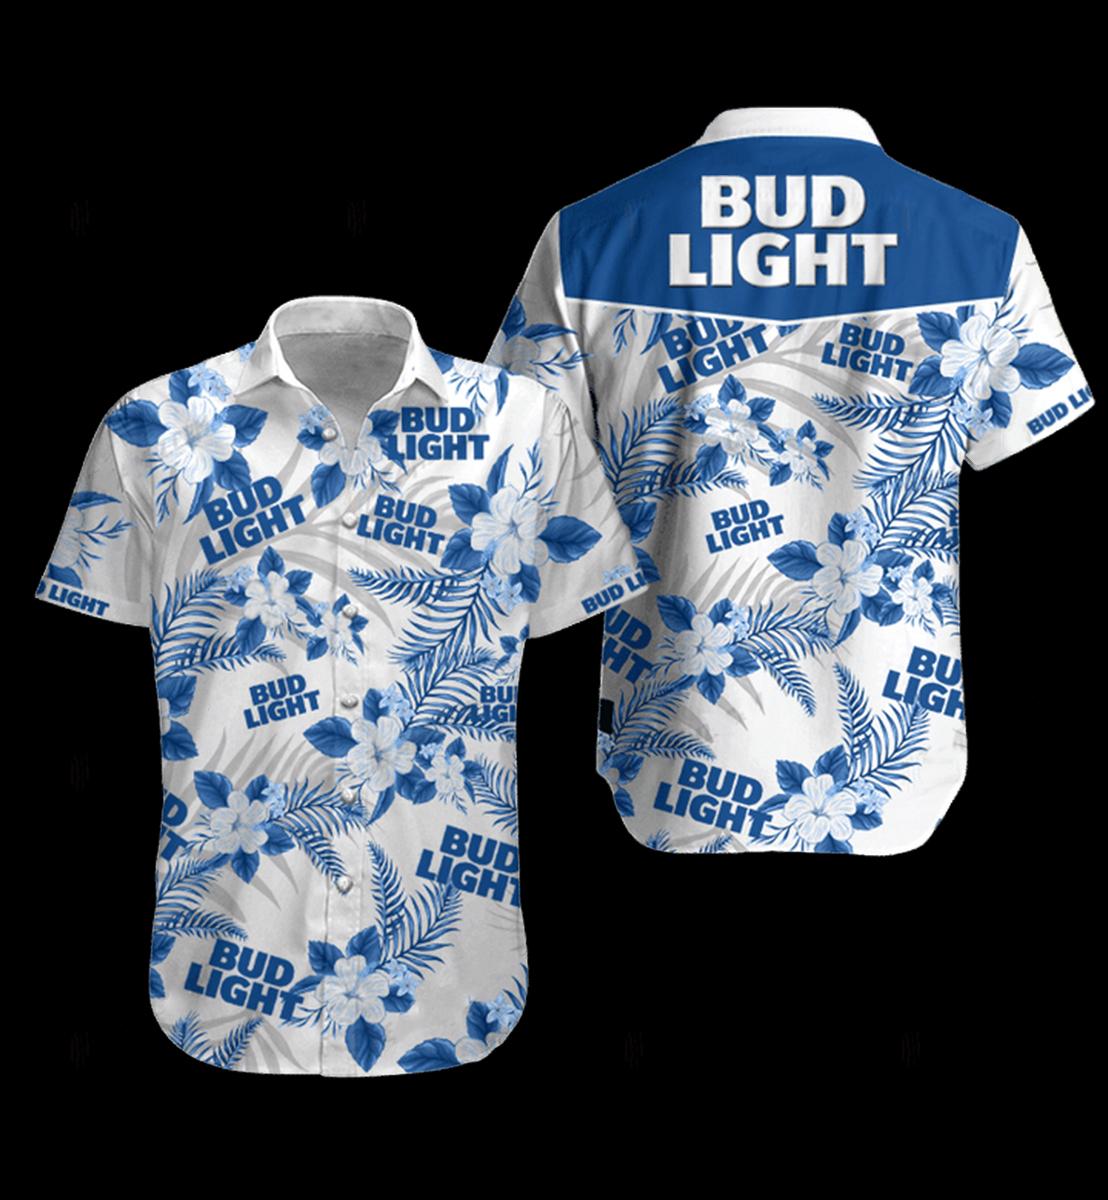 30 Natural Light hawaiian shirt and Short 1 1